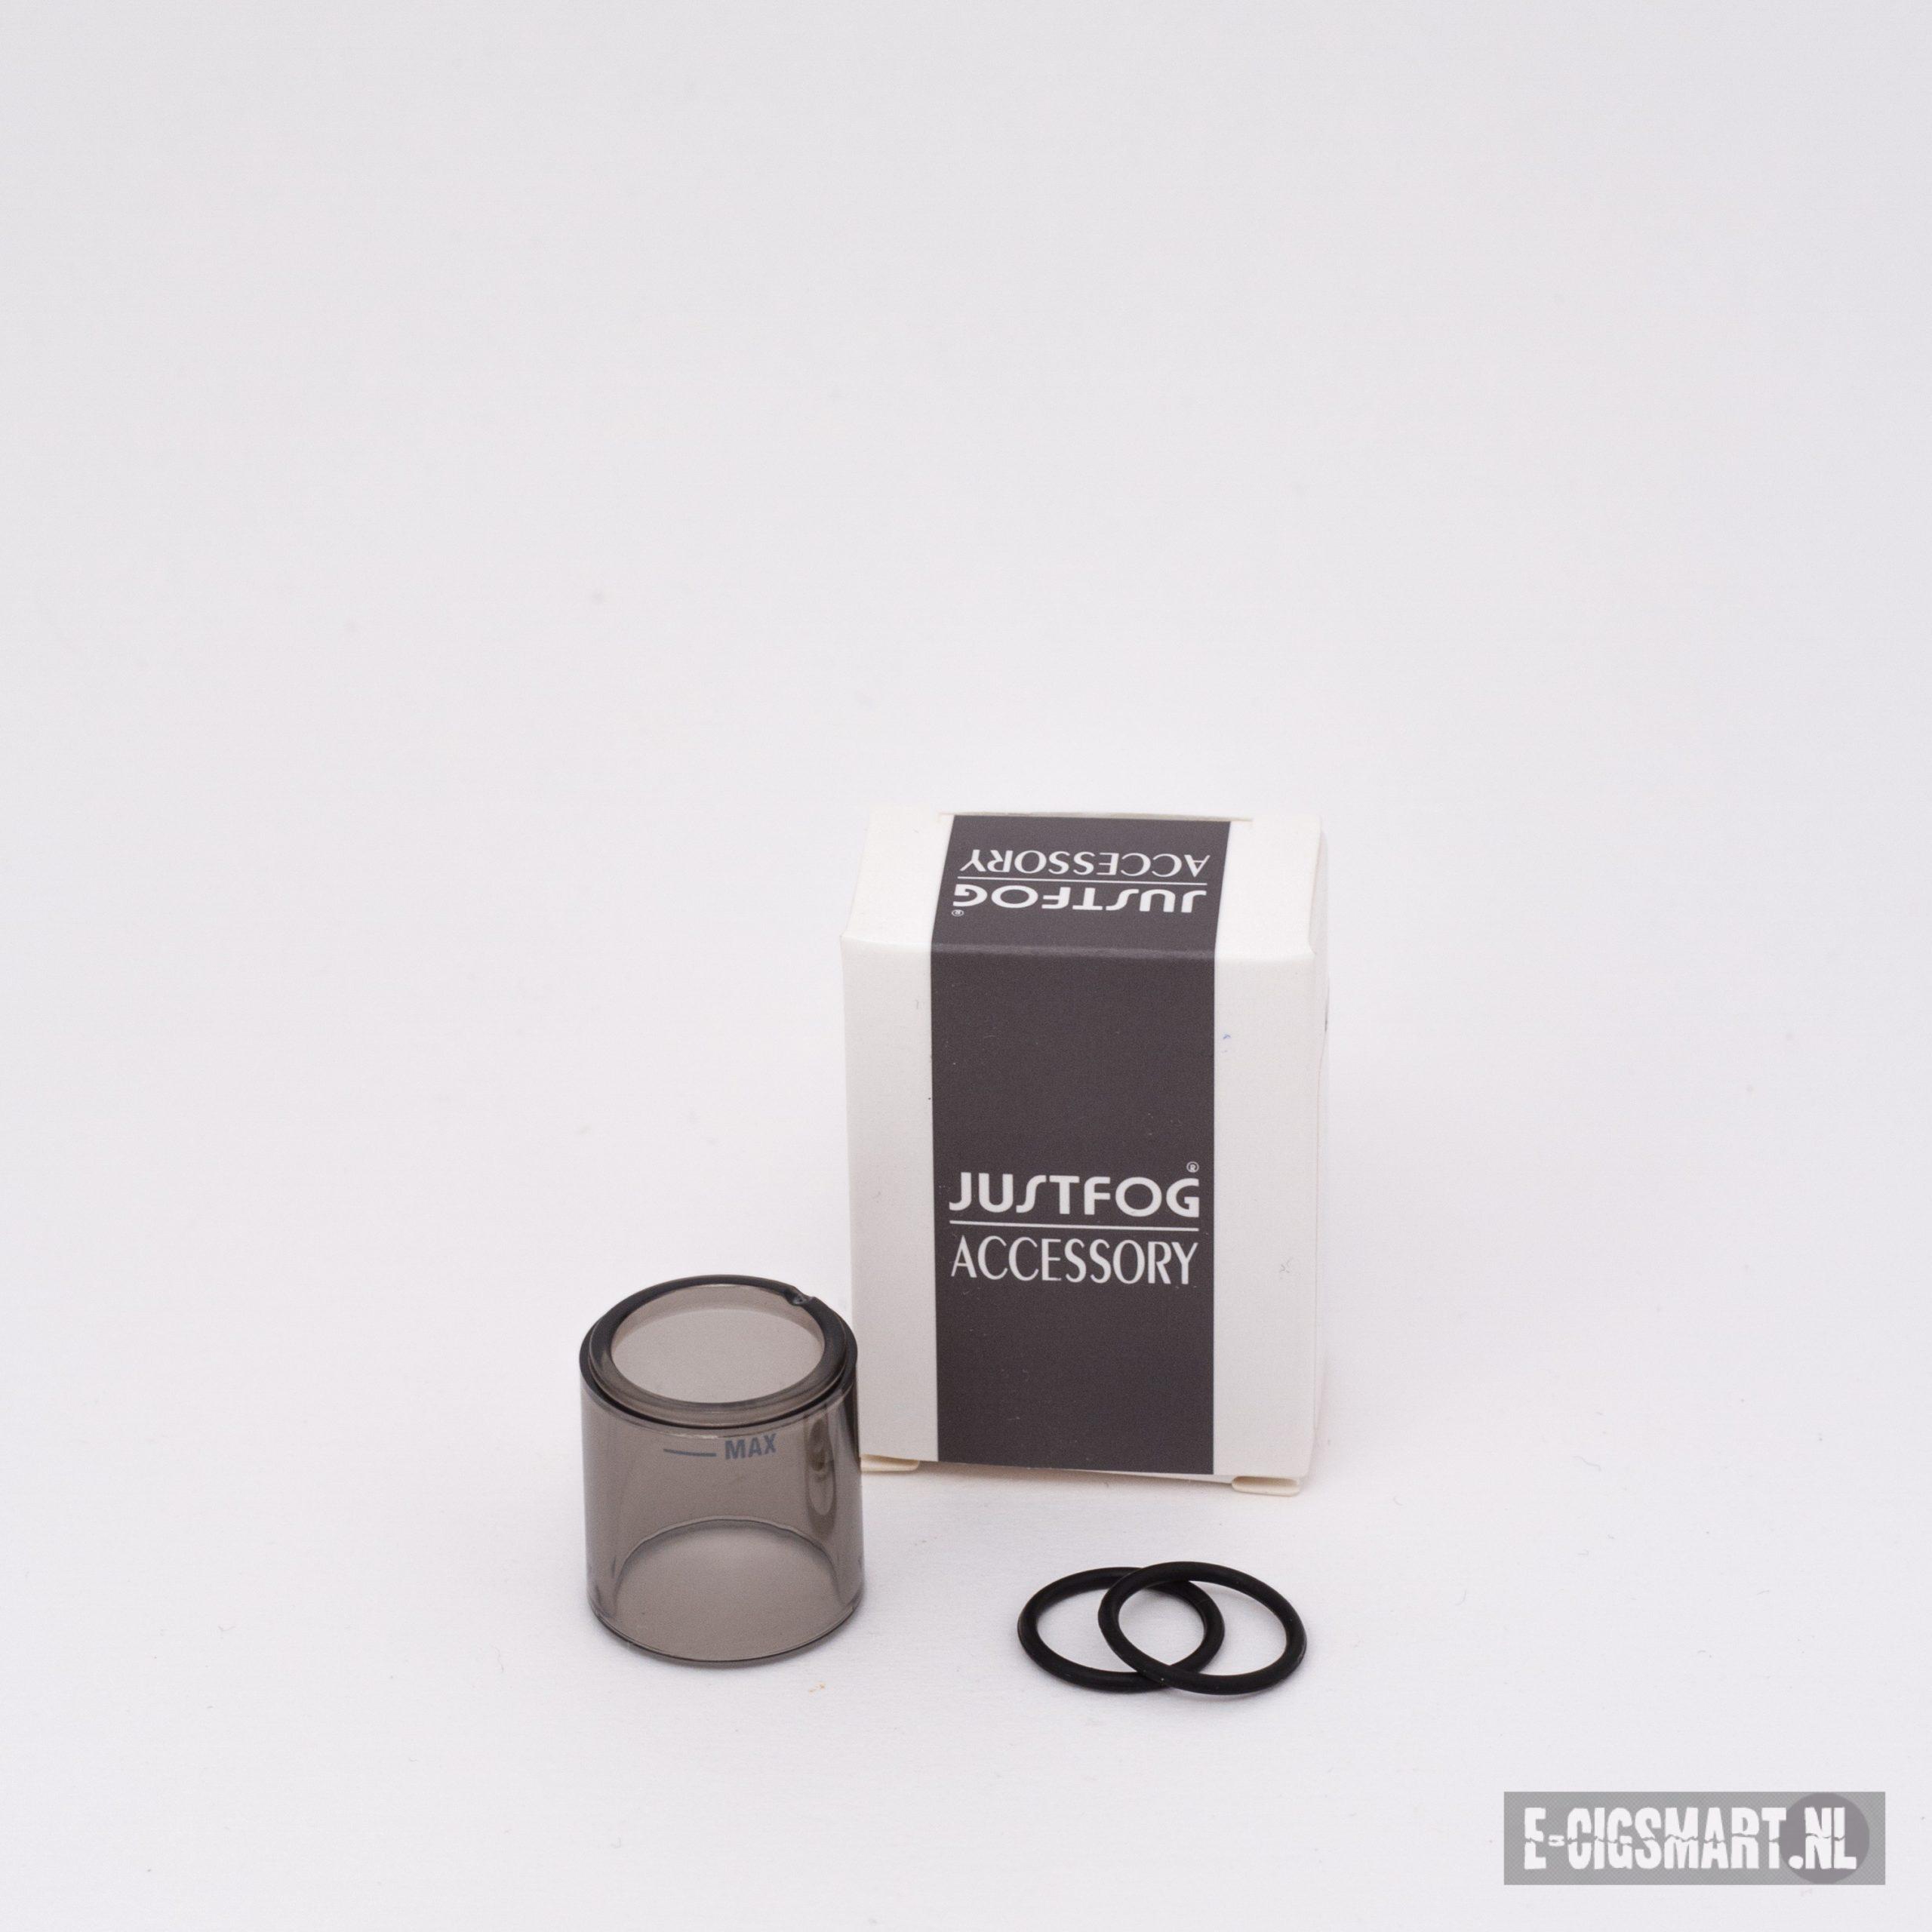 Glas voor uw JustFog FOG 1 starter set. De afmetingen van deze glas zijn 20mm diameter en 21mm hoogte (inclusief schroefdraad).